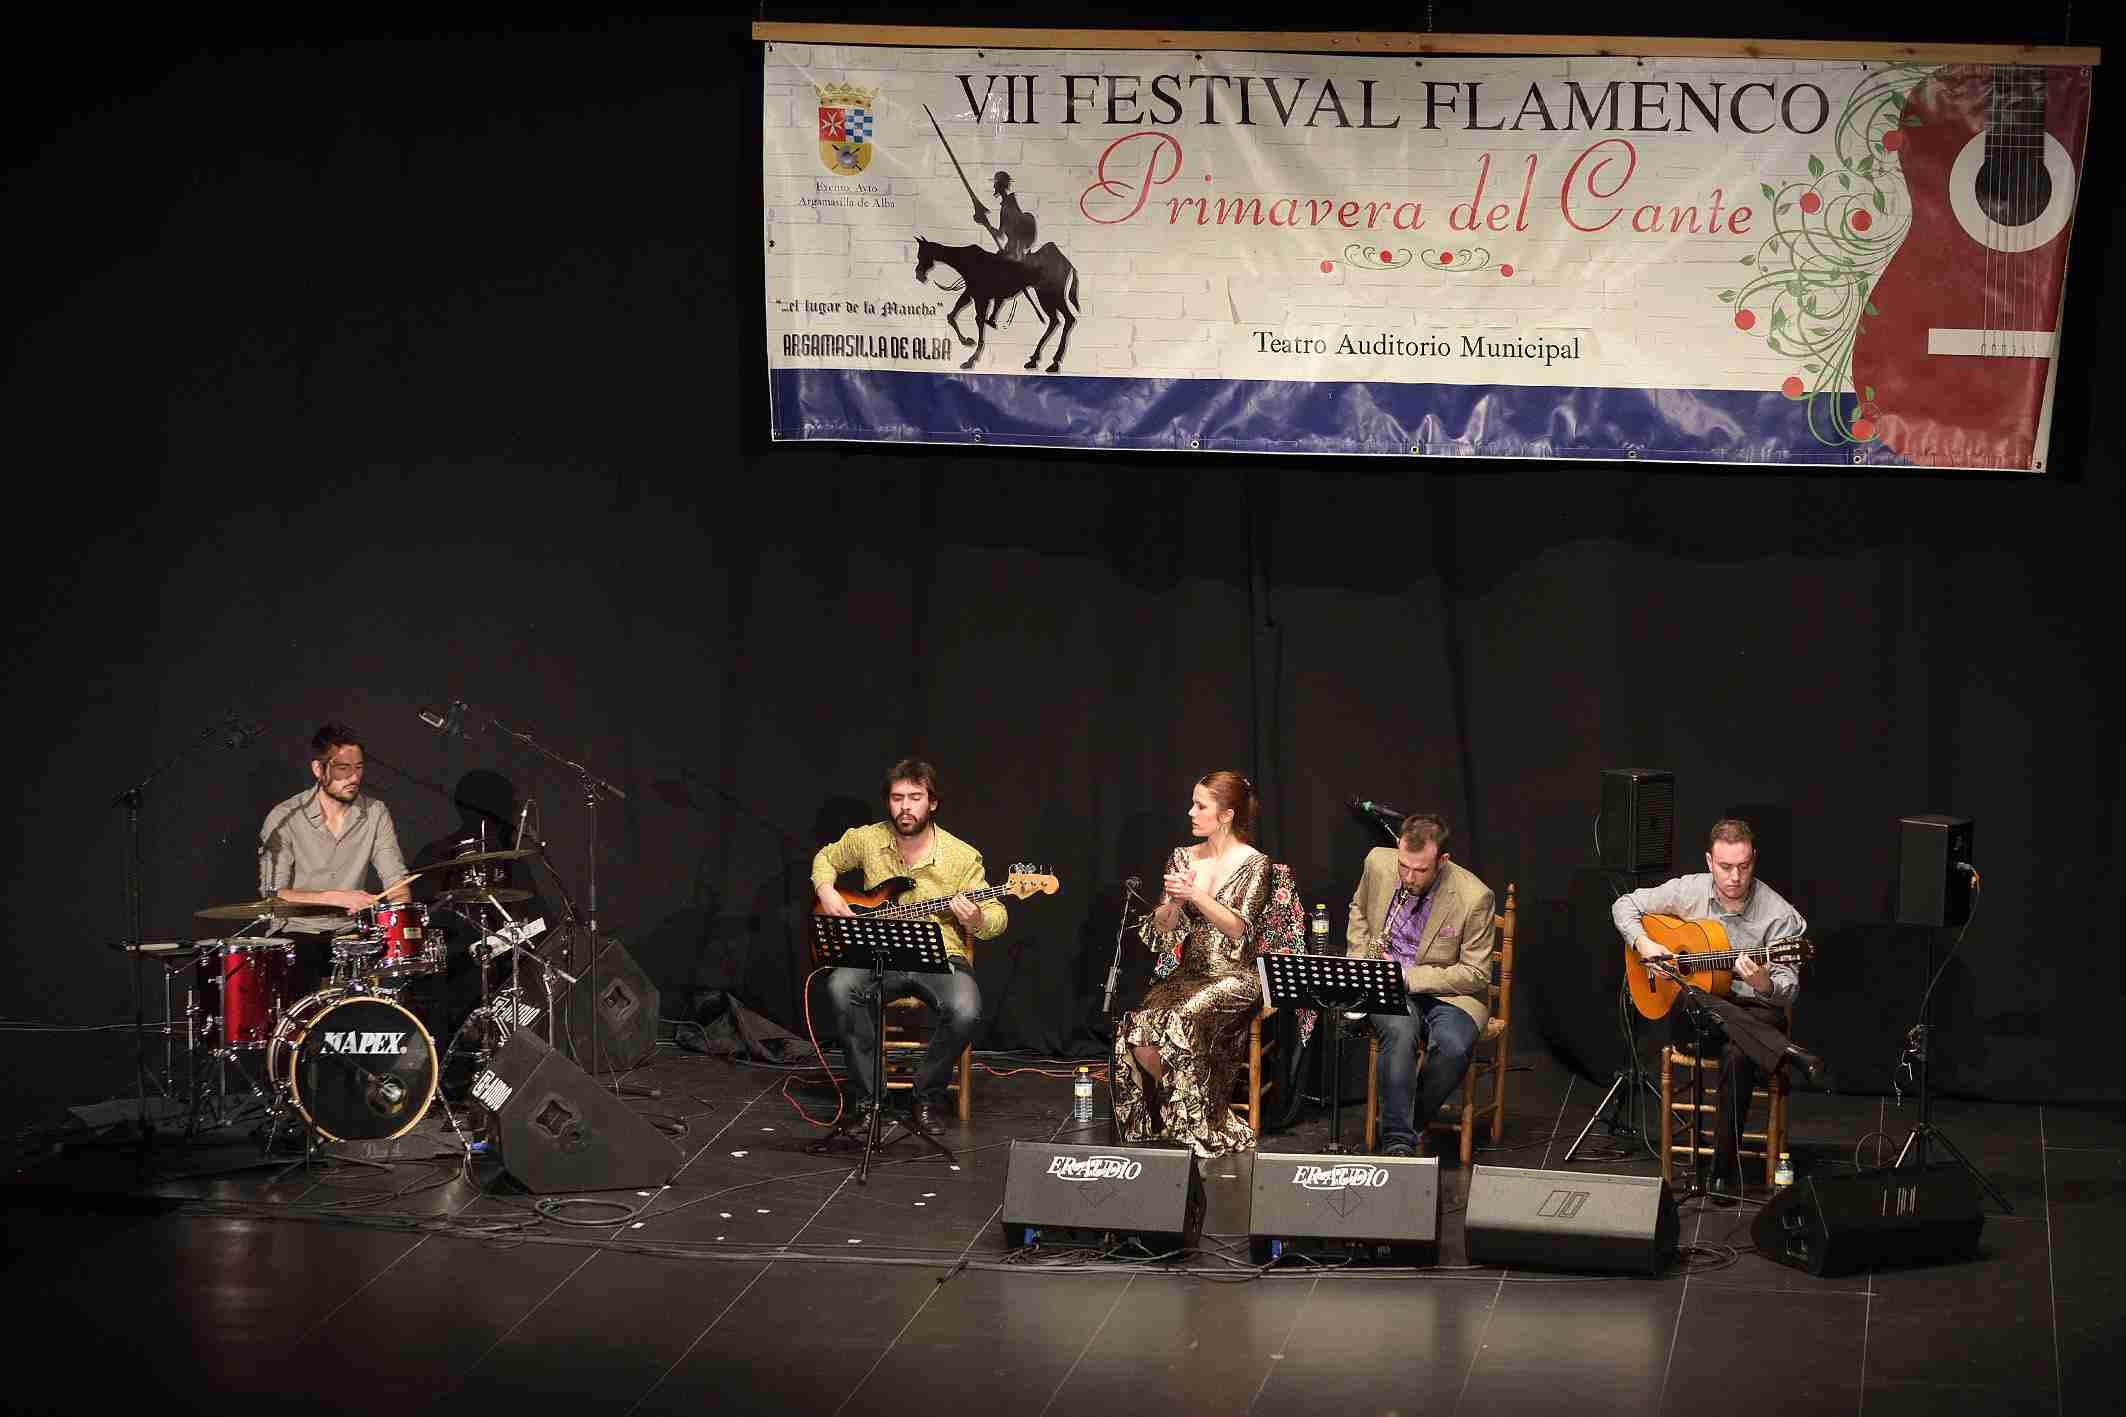 20190323_Festival Flamenco005_AdeAlba 1